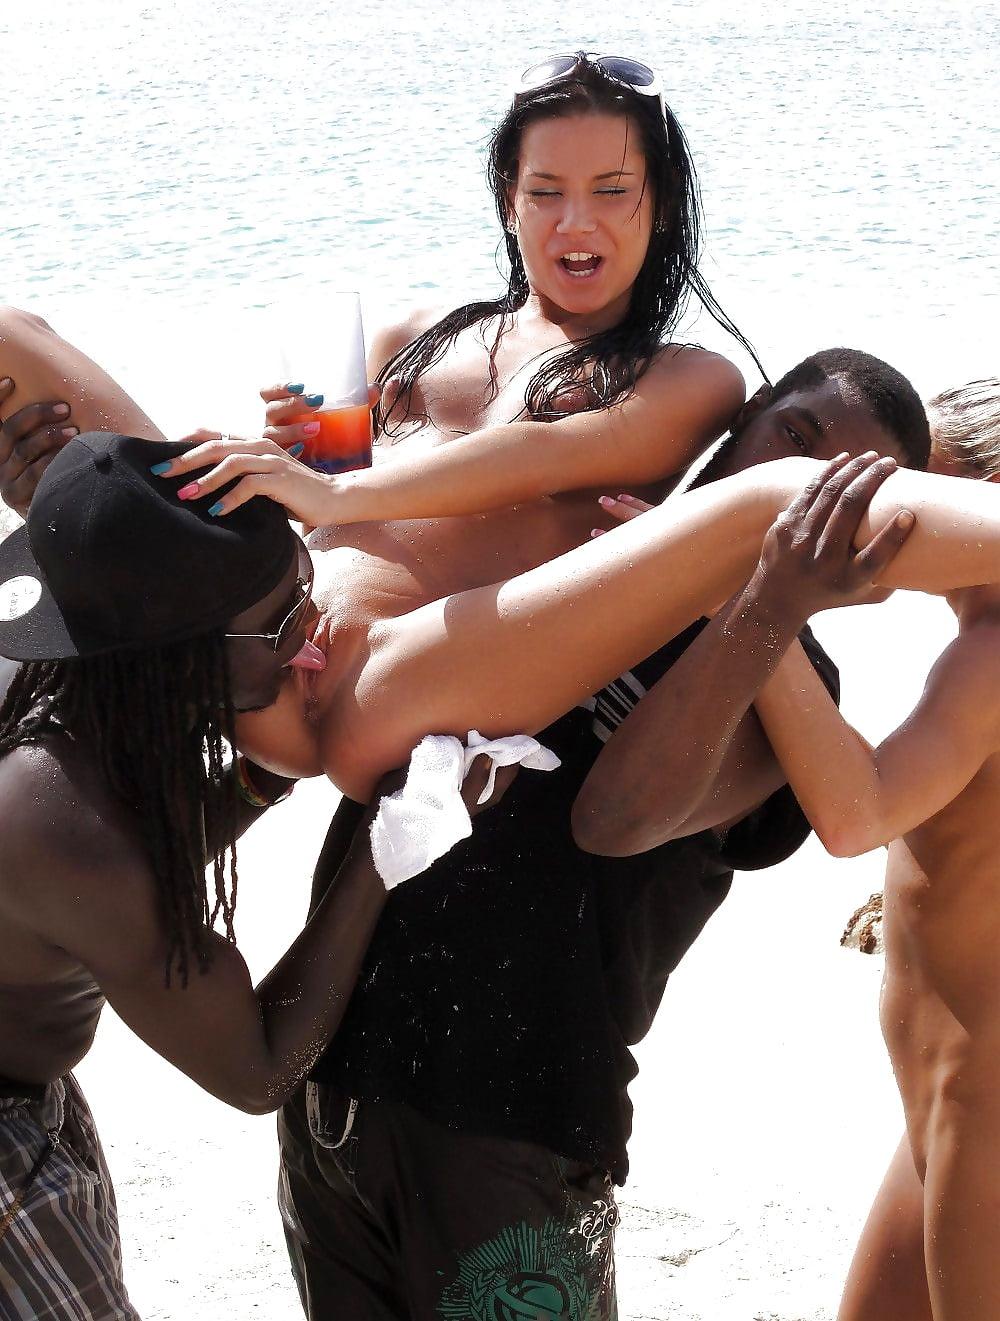 смутилась порно лесби каникулы мексике сюда подтверждаете